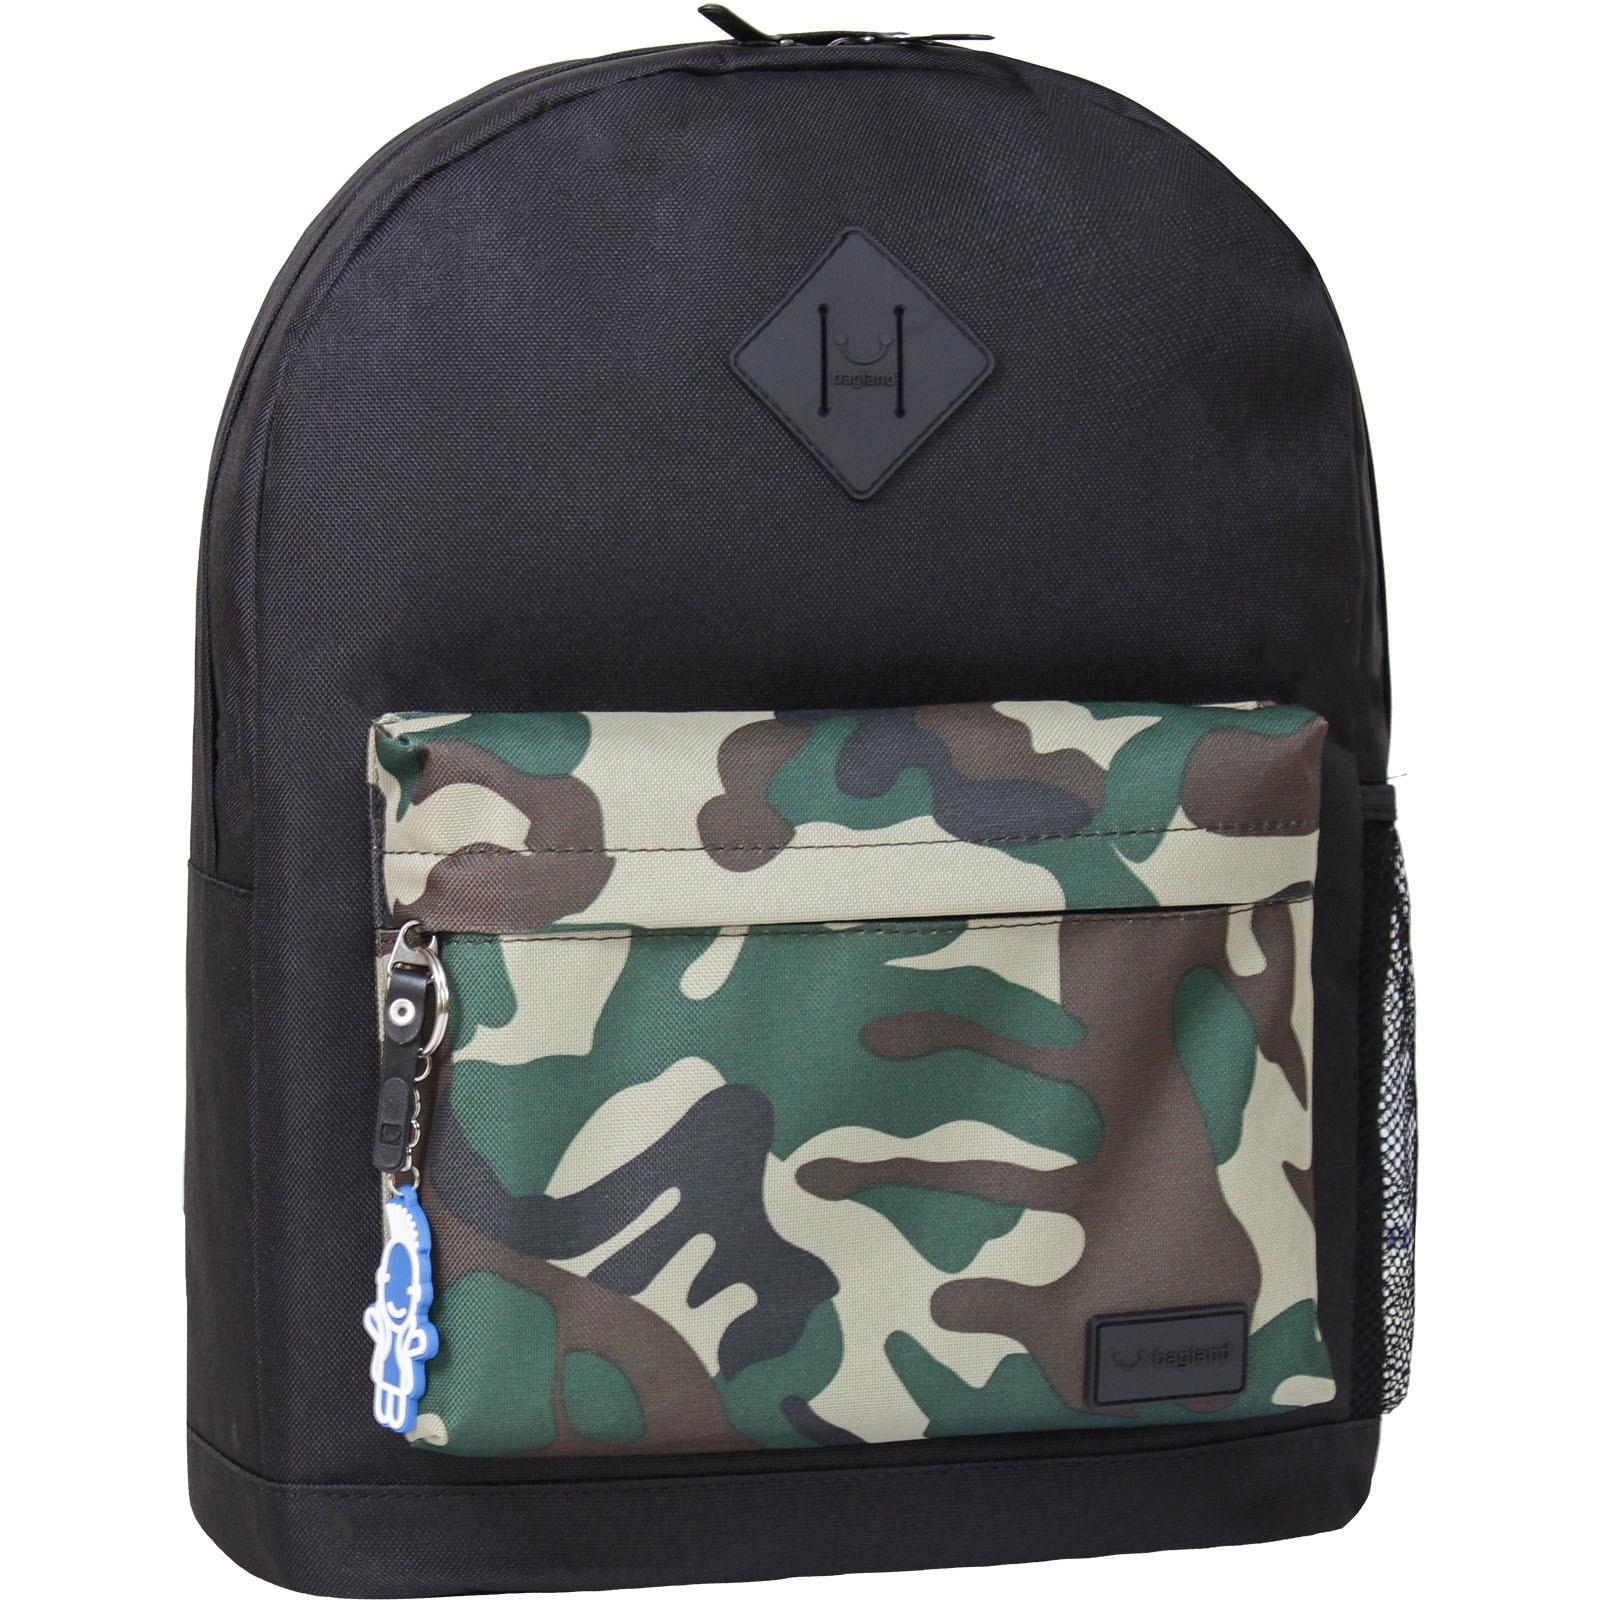 Городские рюкзаки Рюкзак Bagland Молодежный W/R 17 л. черный/камуфляж (00533662) IMG_8855-1600.jpg